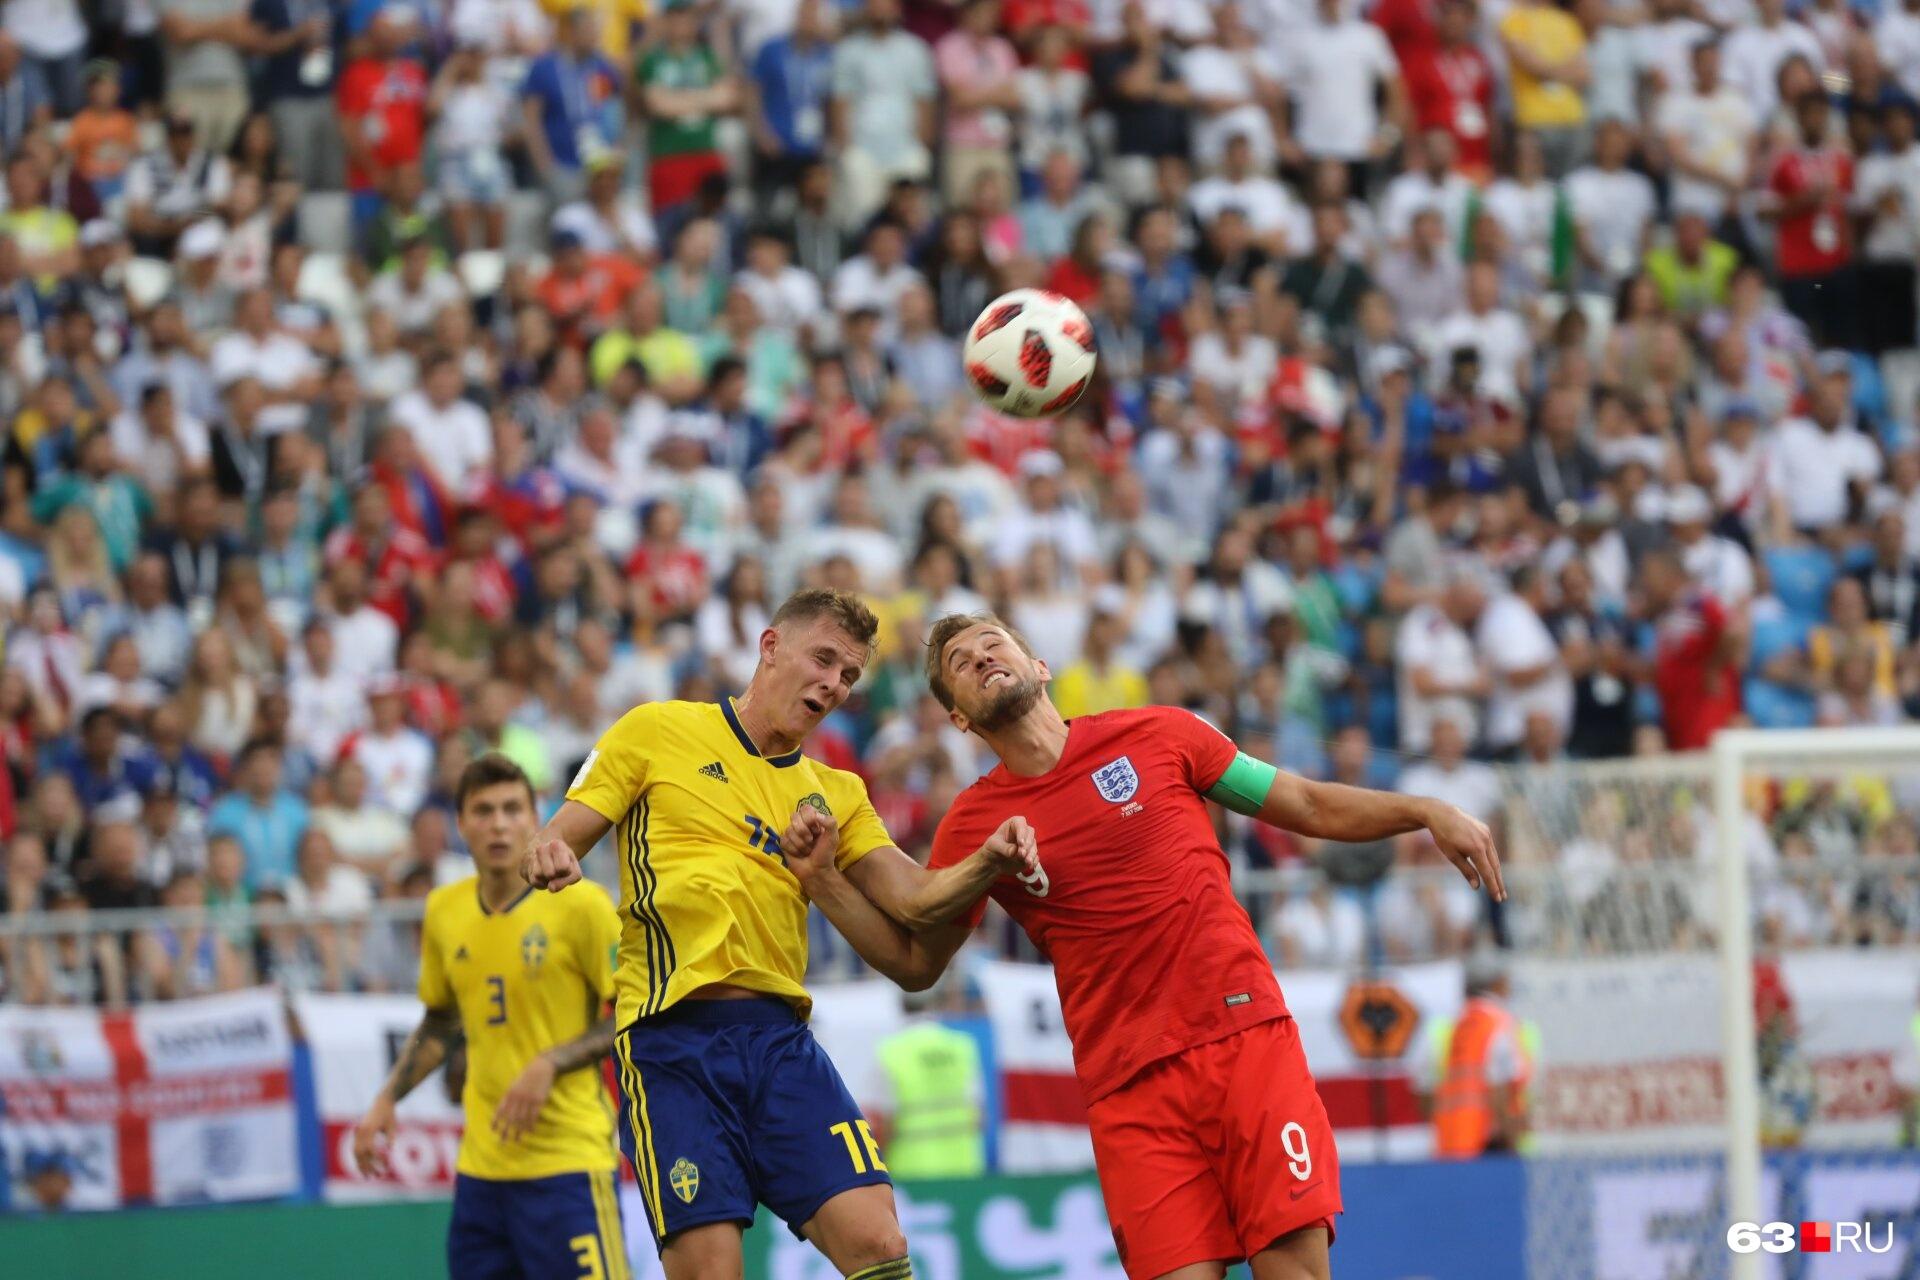 Капитан «львов» Гарри Кейн больше боролся за мяч, чем бил по воротам